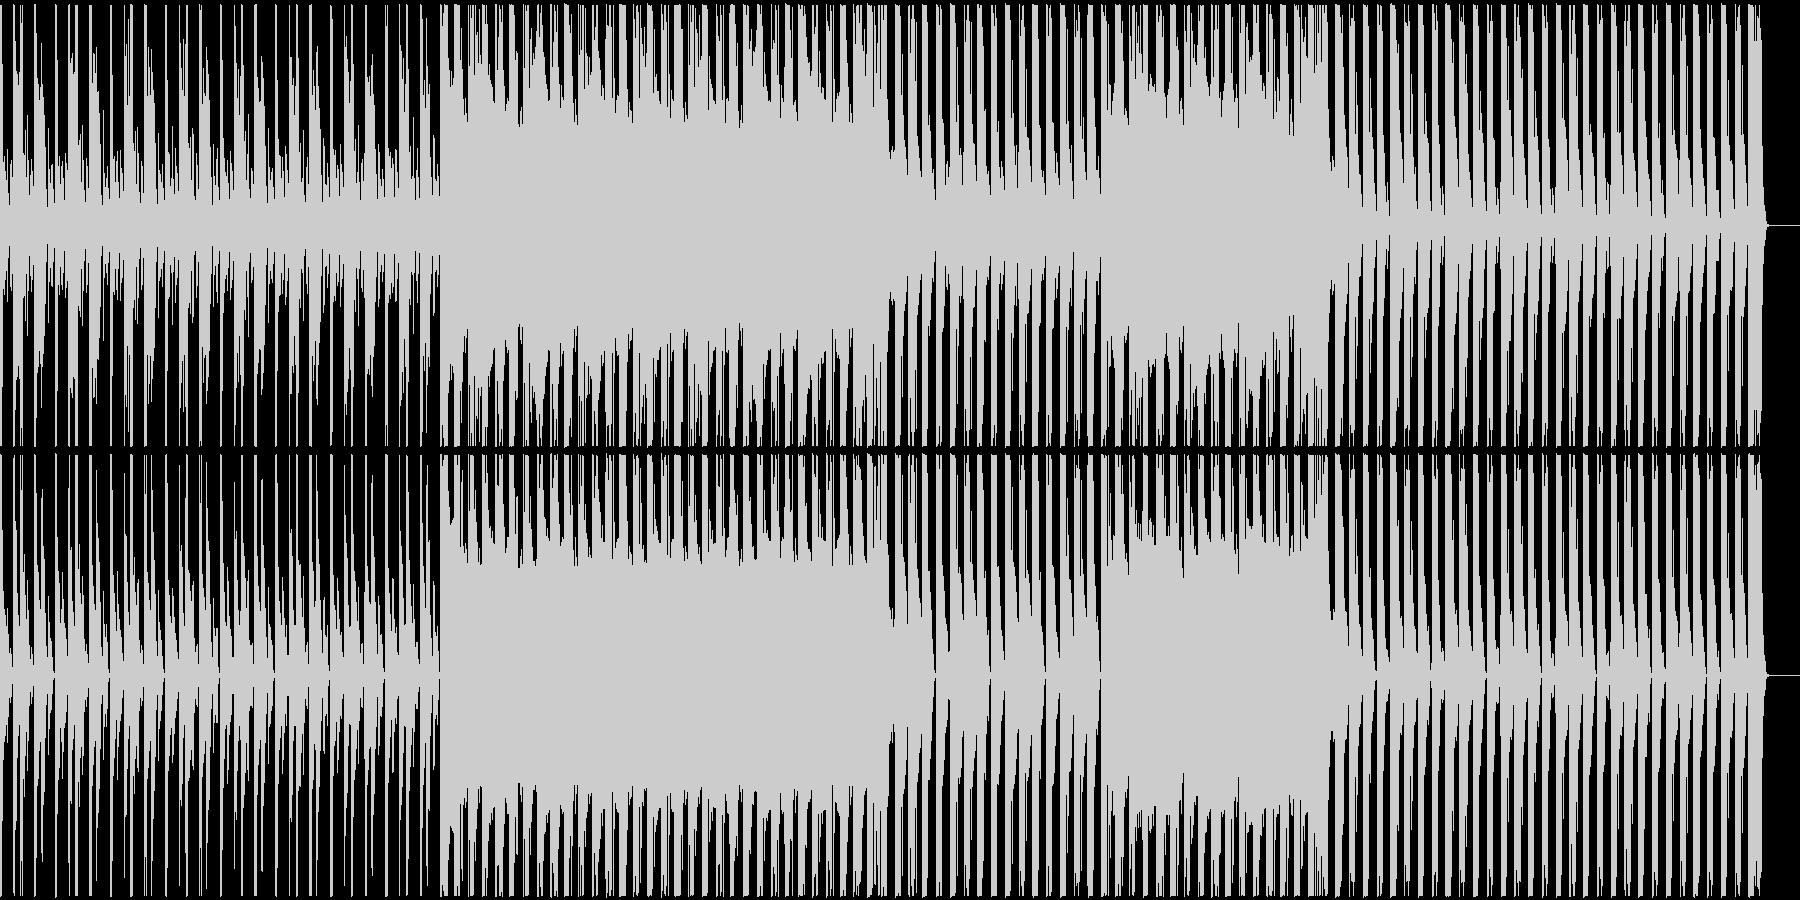 落ち着いたニュース番組のようなBGMの未再生の波形